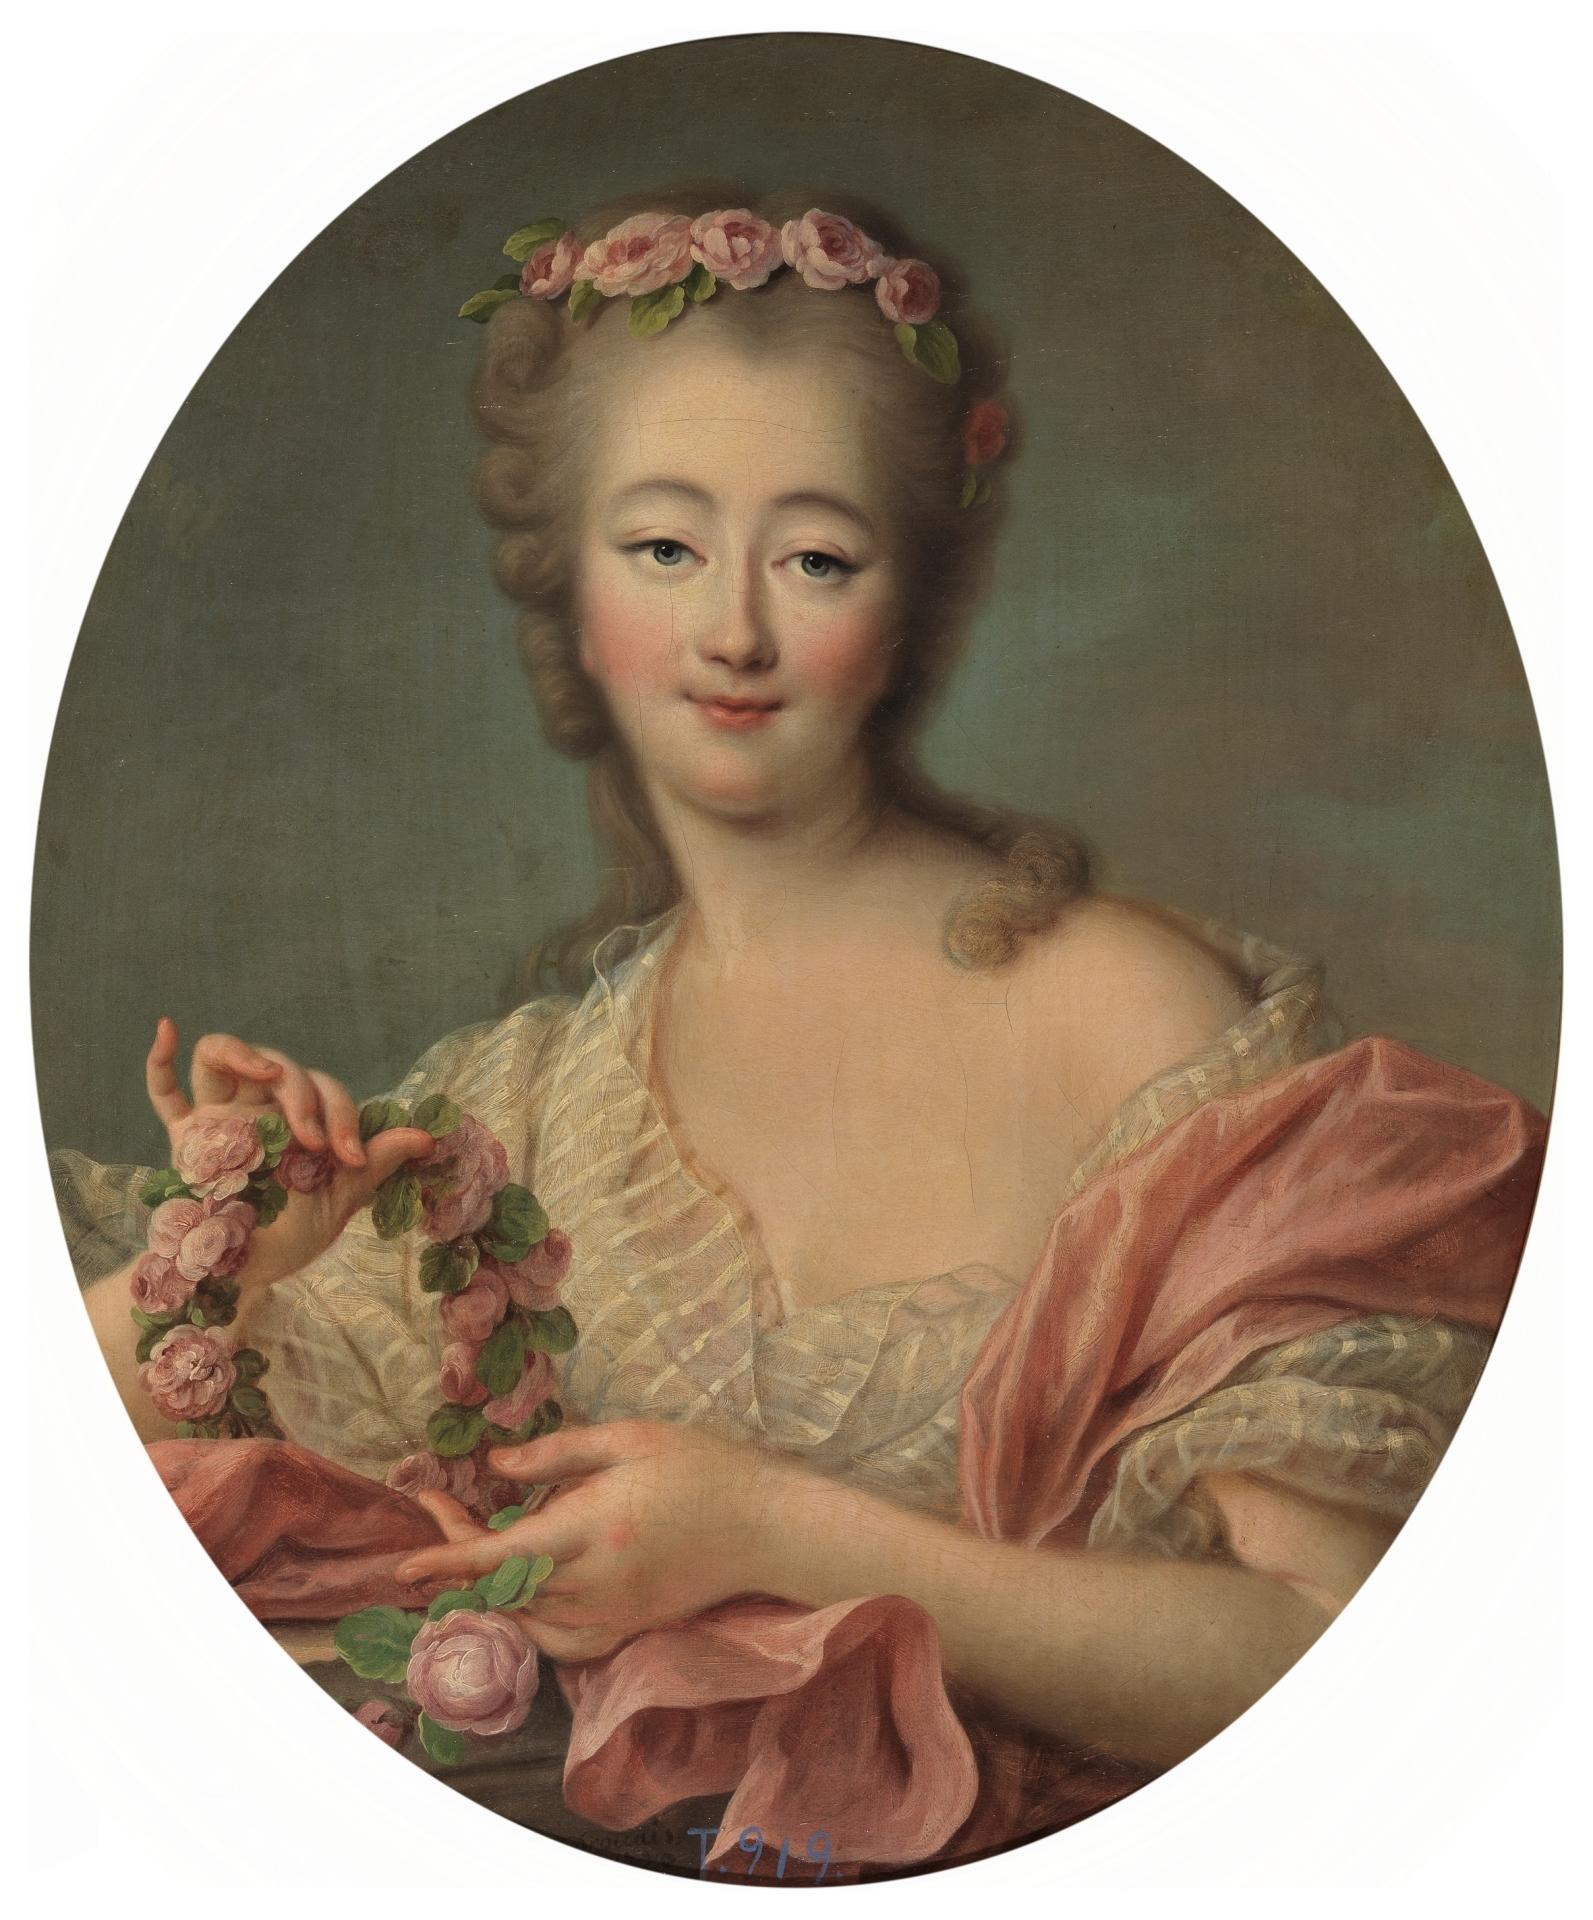 Arquivo: Madame du barry.jpg